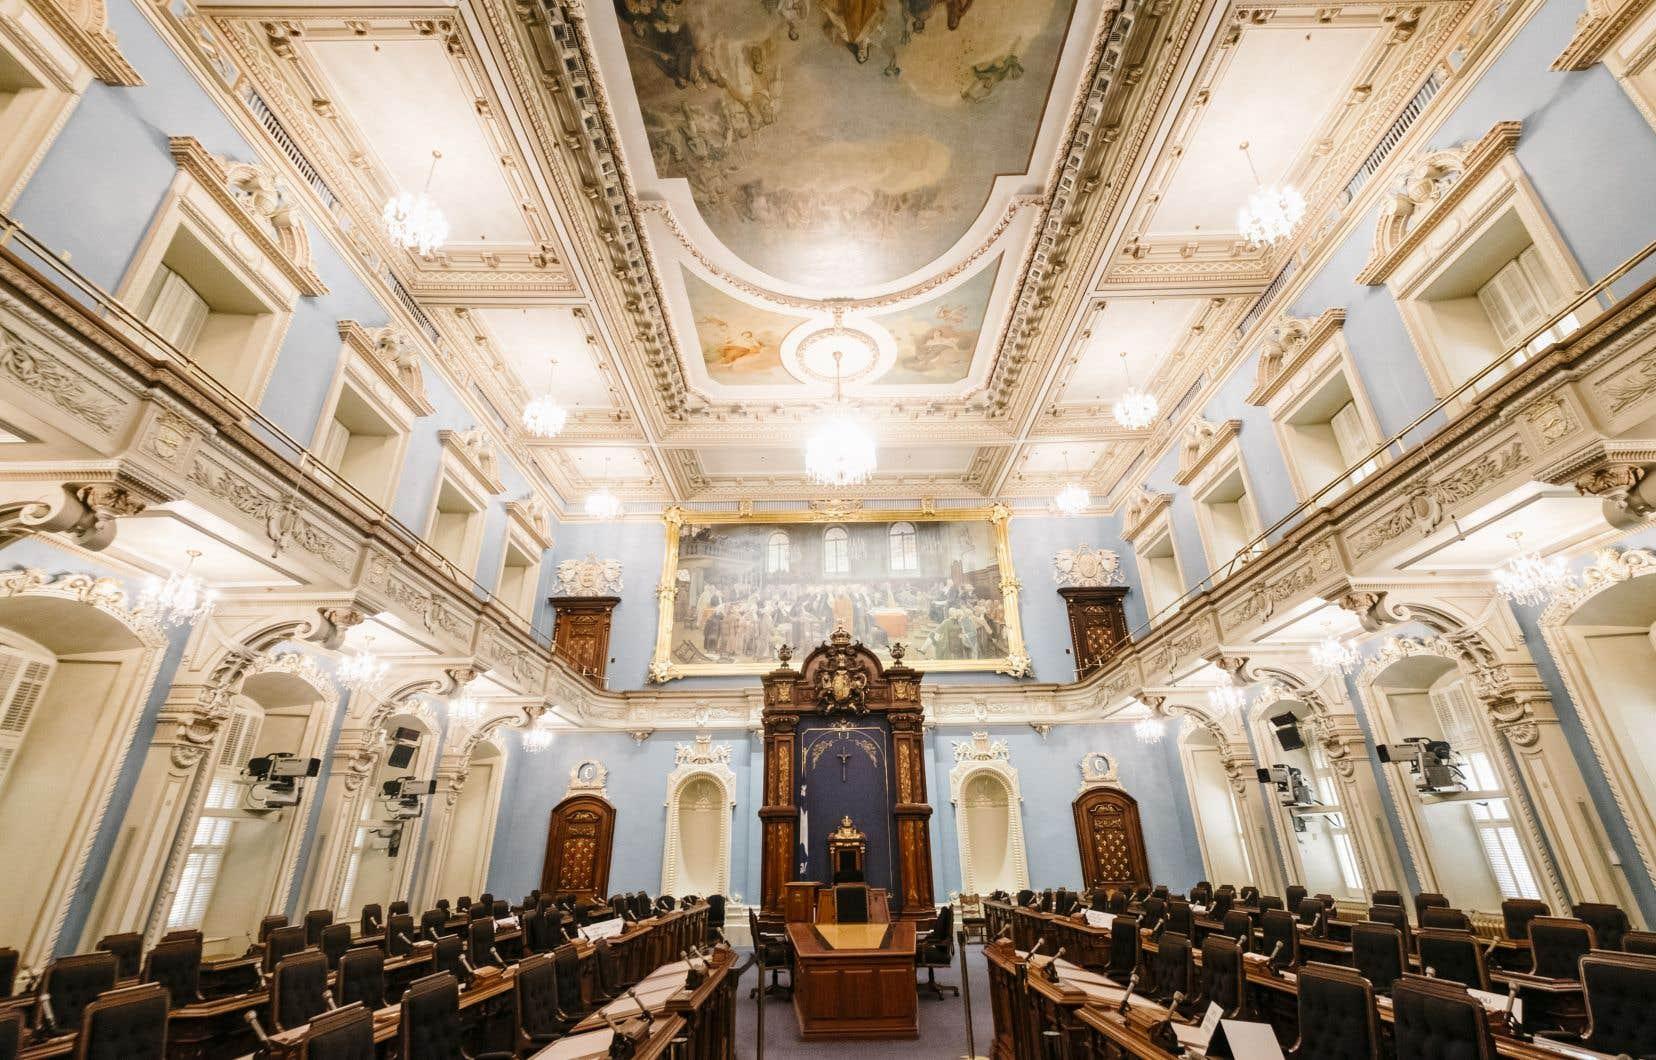 Dès l'ouverture de la 42elégislature, l'Assemblée nationale a déployé la campagne de sensibilisation «Zéro harcèlement», abordant les thèmes du harcèlement psychologique, sexuel et discriminatoire ainsi que l'importance de la civilité au travail.